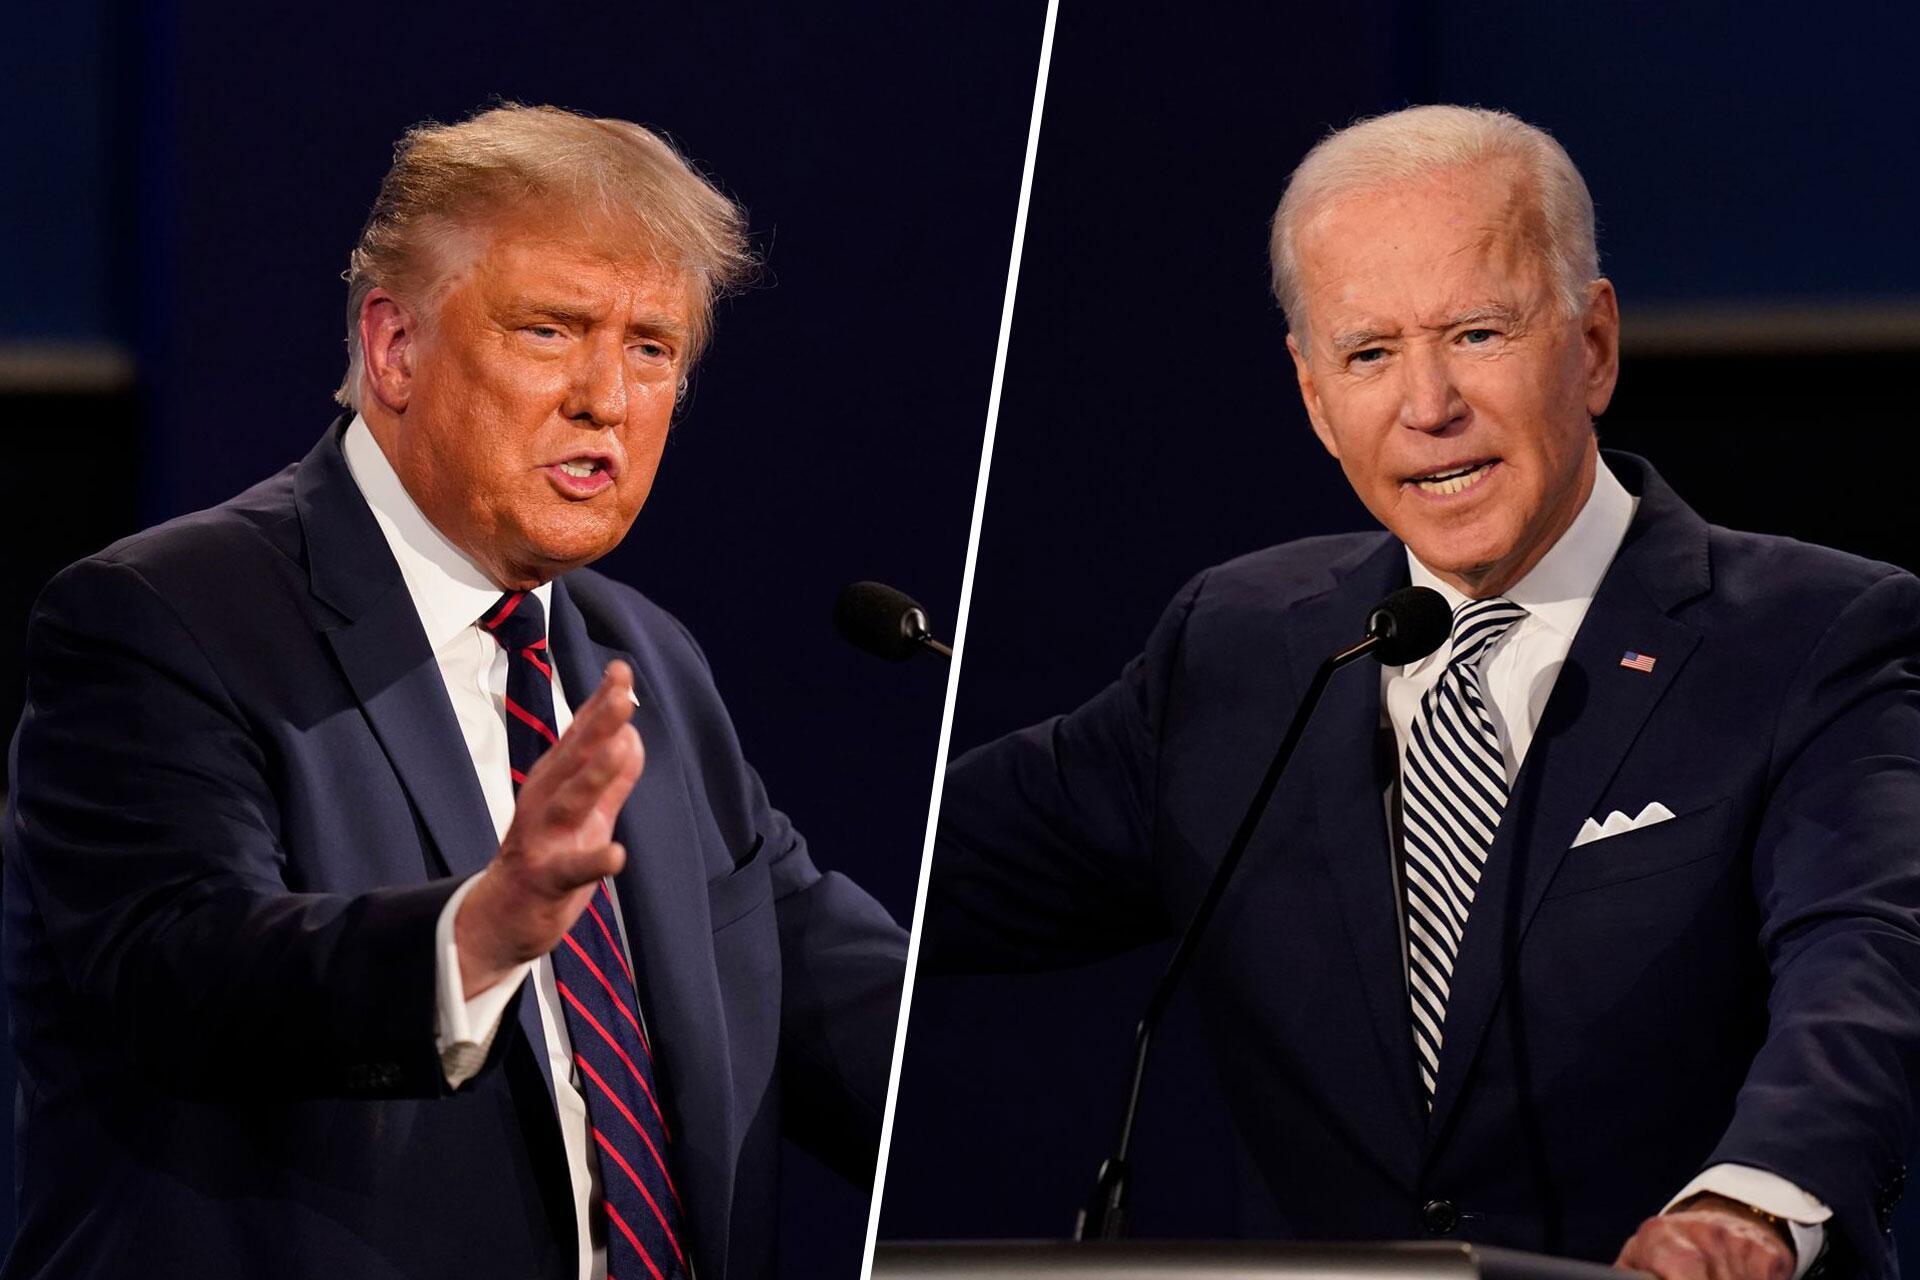 Bild zu Mikro der Kandidaten wird bei TV-Duell teils stummgeschaltet